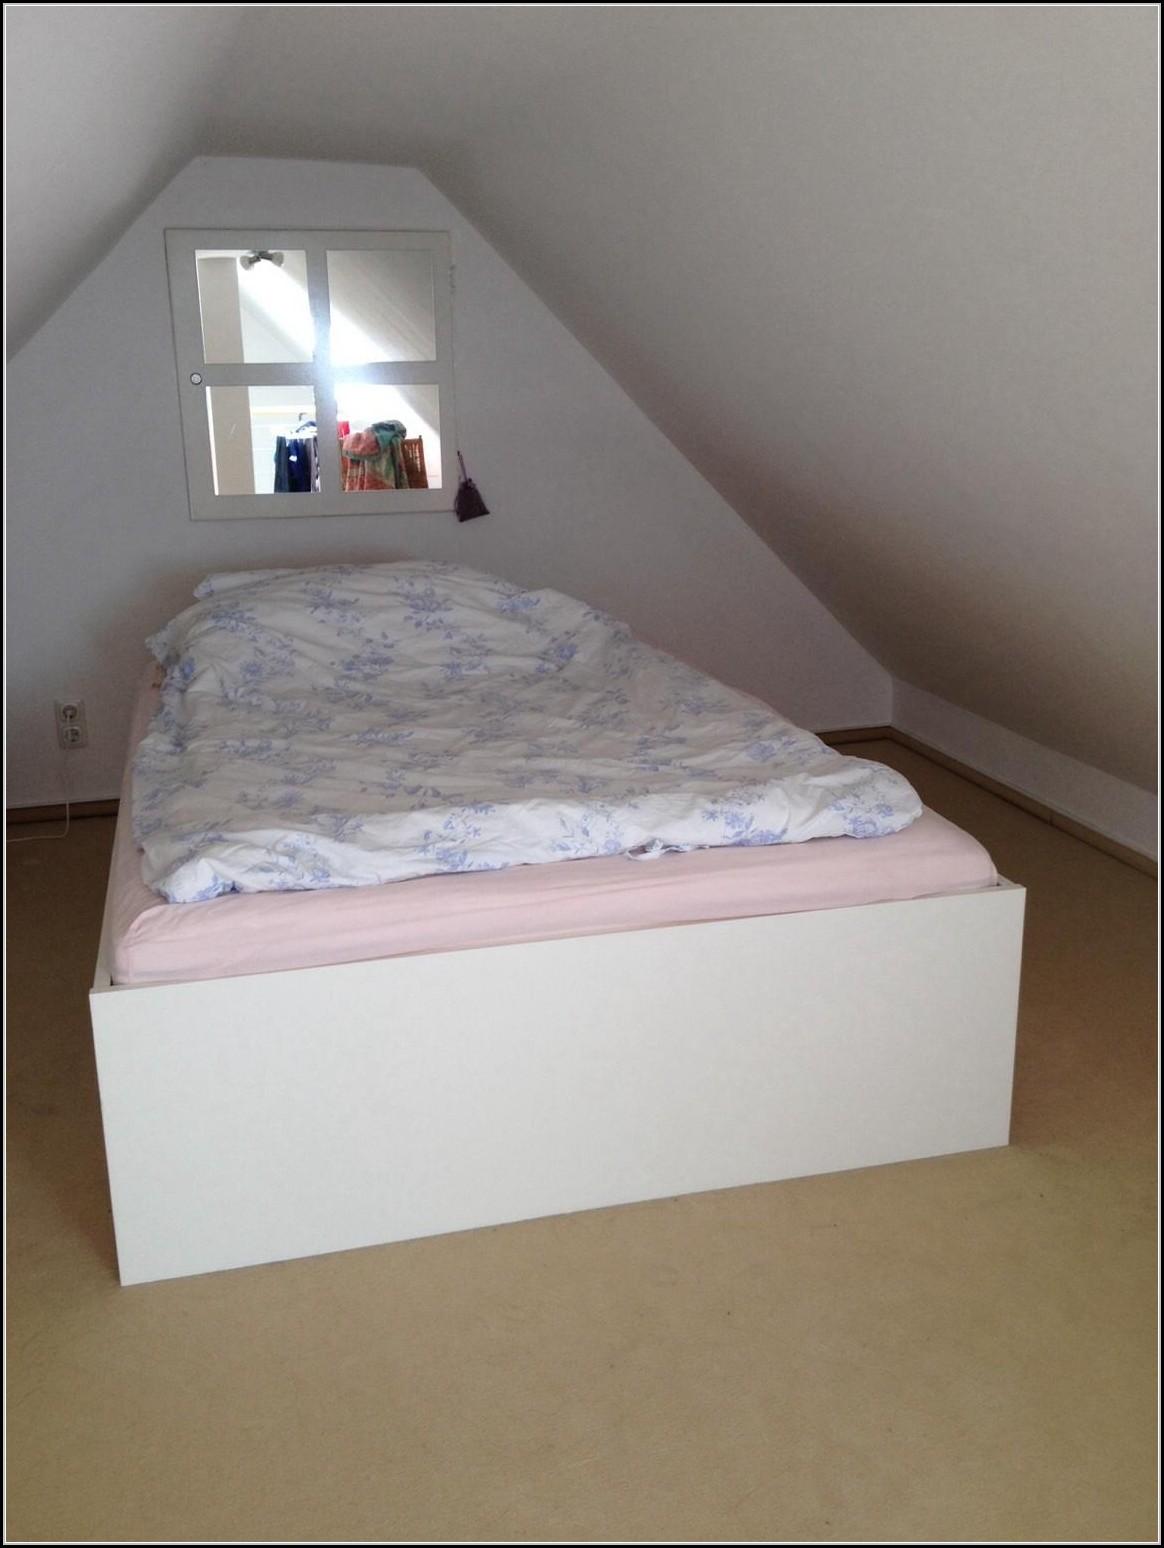 bett ikea brimnes 140x200 betten house und dekor. Black Bedroom Furniture Sets. Home Design Ideas